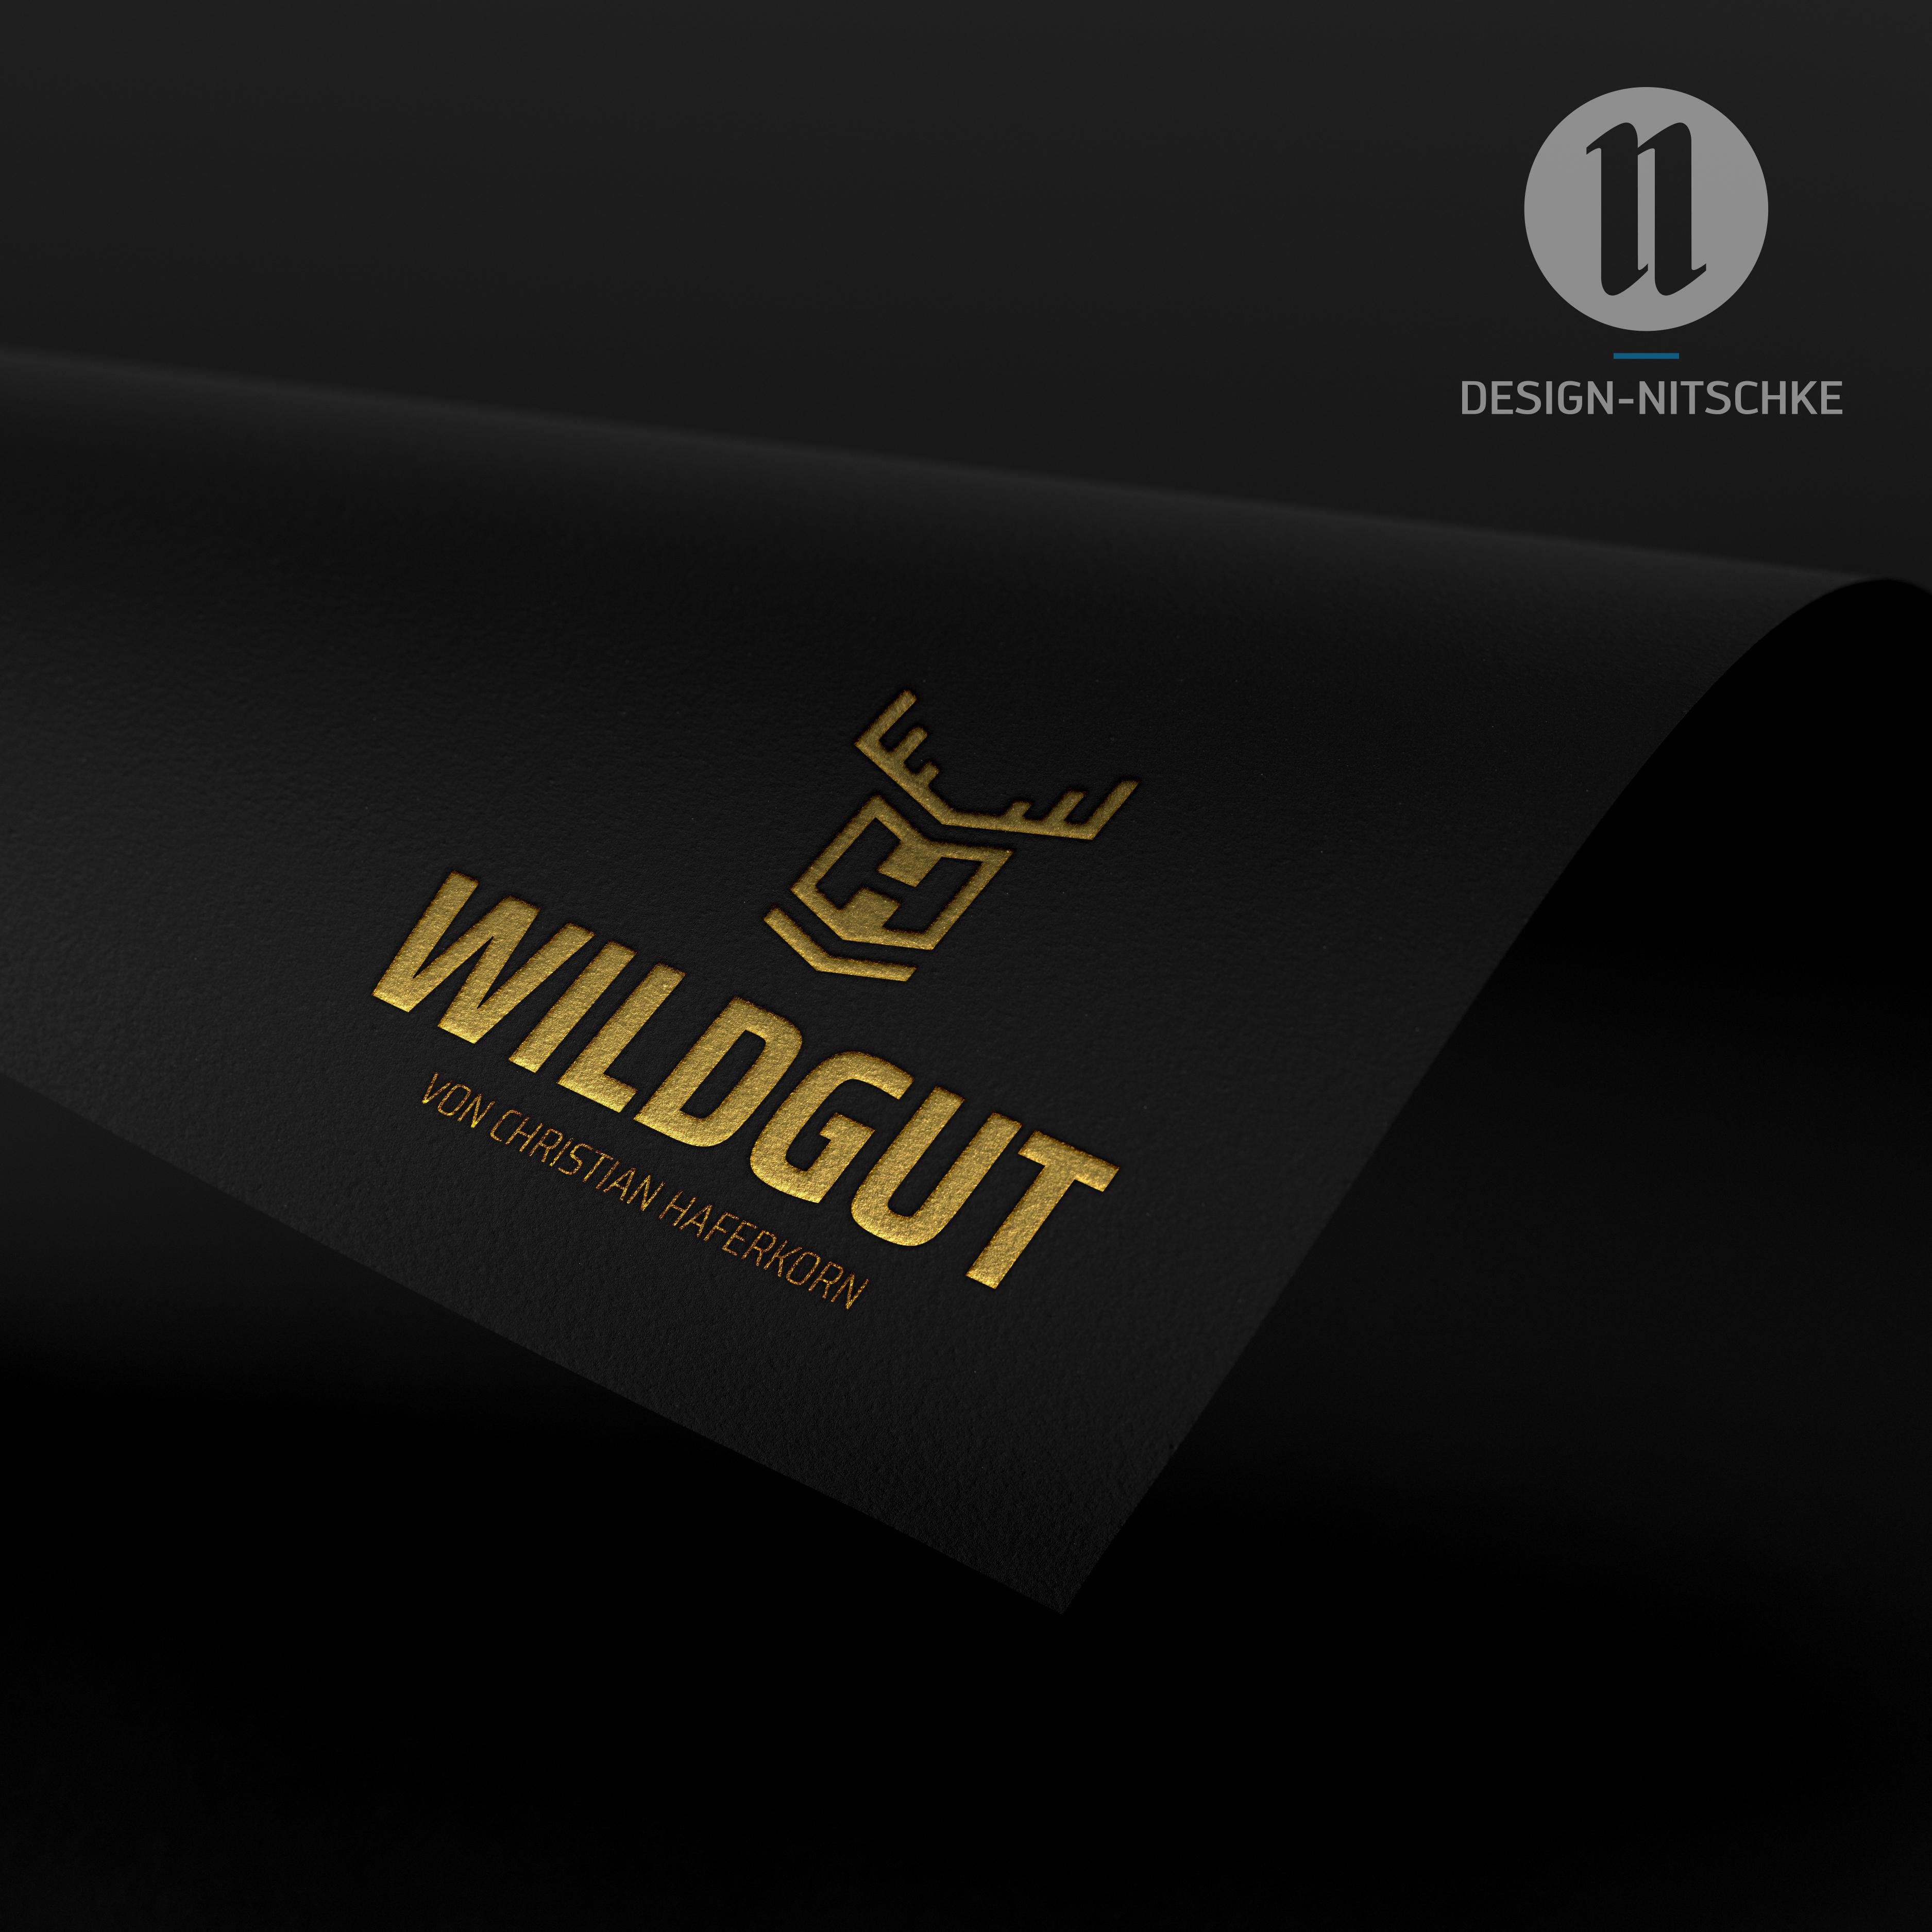 briefbogen_gold_schwarz_wildgut_design_nitschke_logo_ci_werbeagentur_oranienburg.jpg